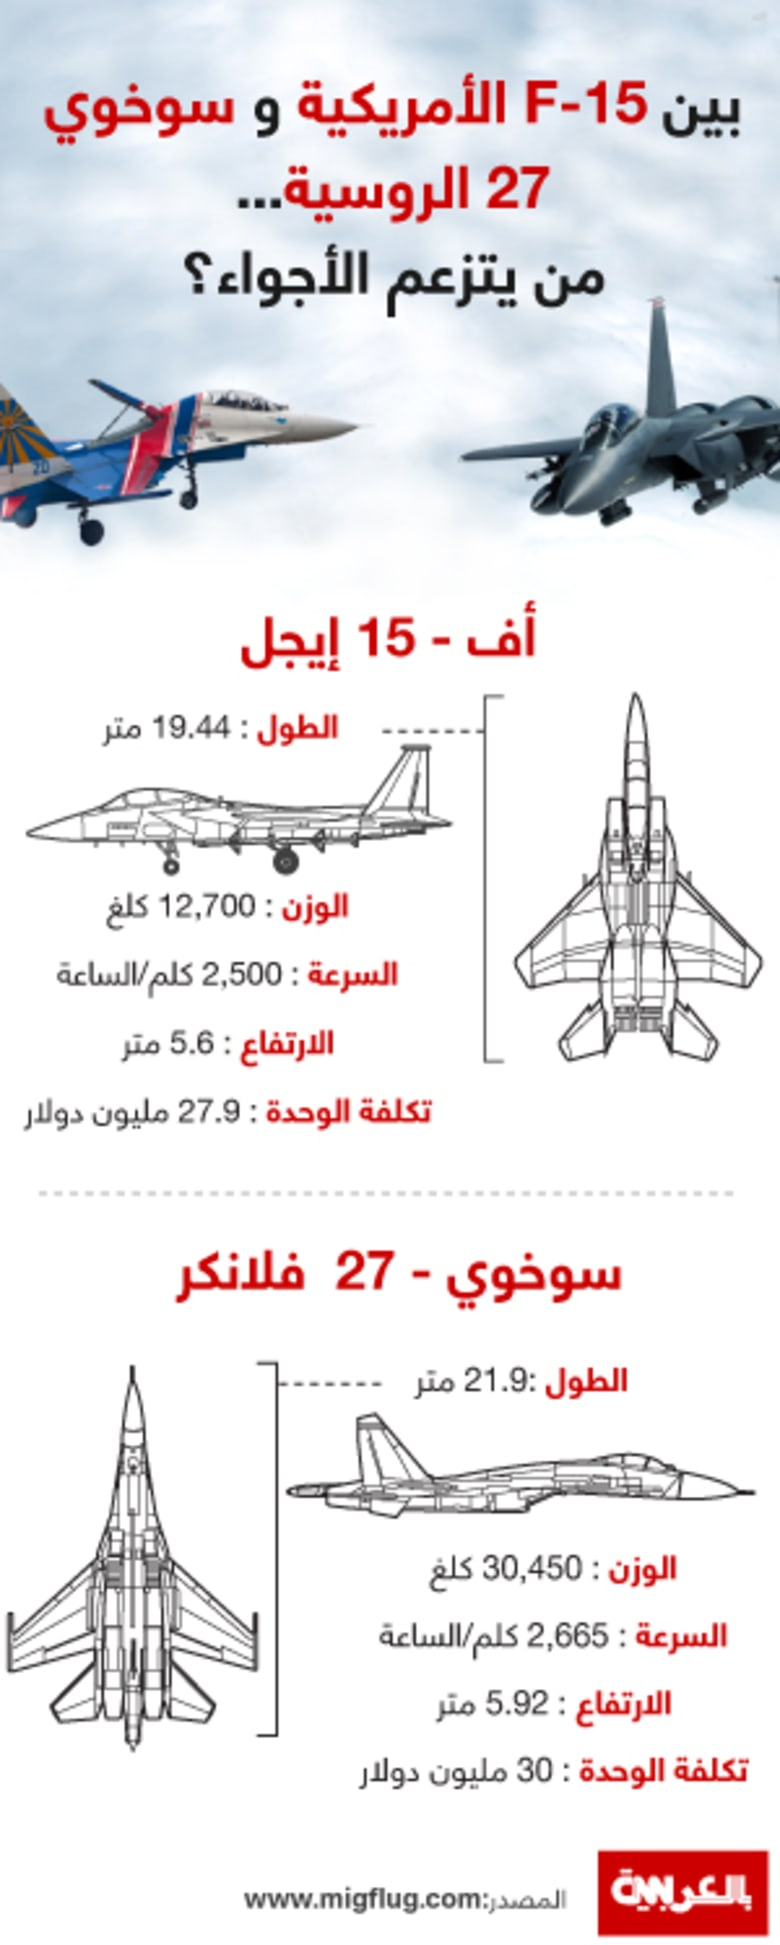 """بظل """"الحرب بالوكالة"""" في سوريا والمنطقة: بين سوخوي 27 الروسية وF-15 الأمريكية.. من يتزعم الأجواء"""